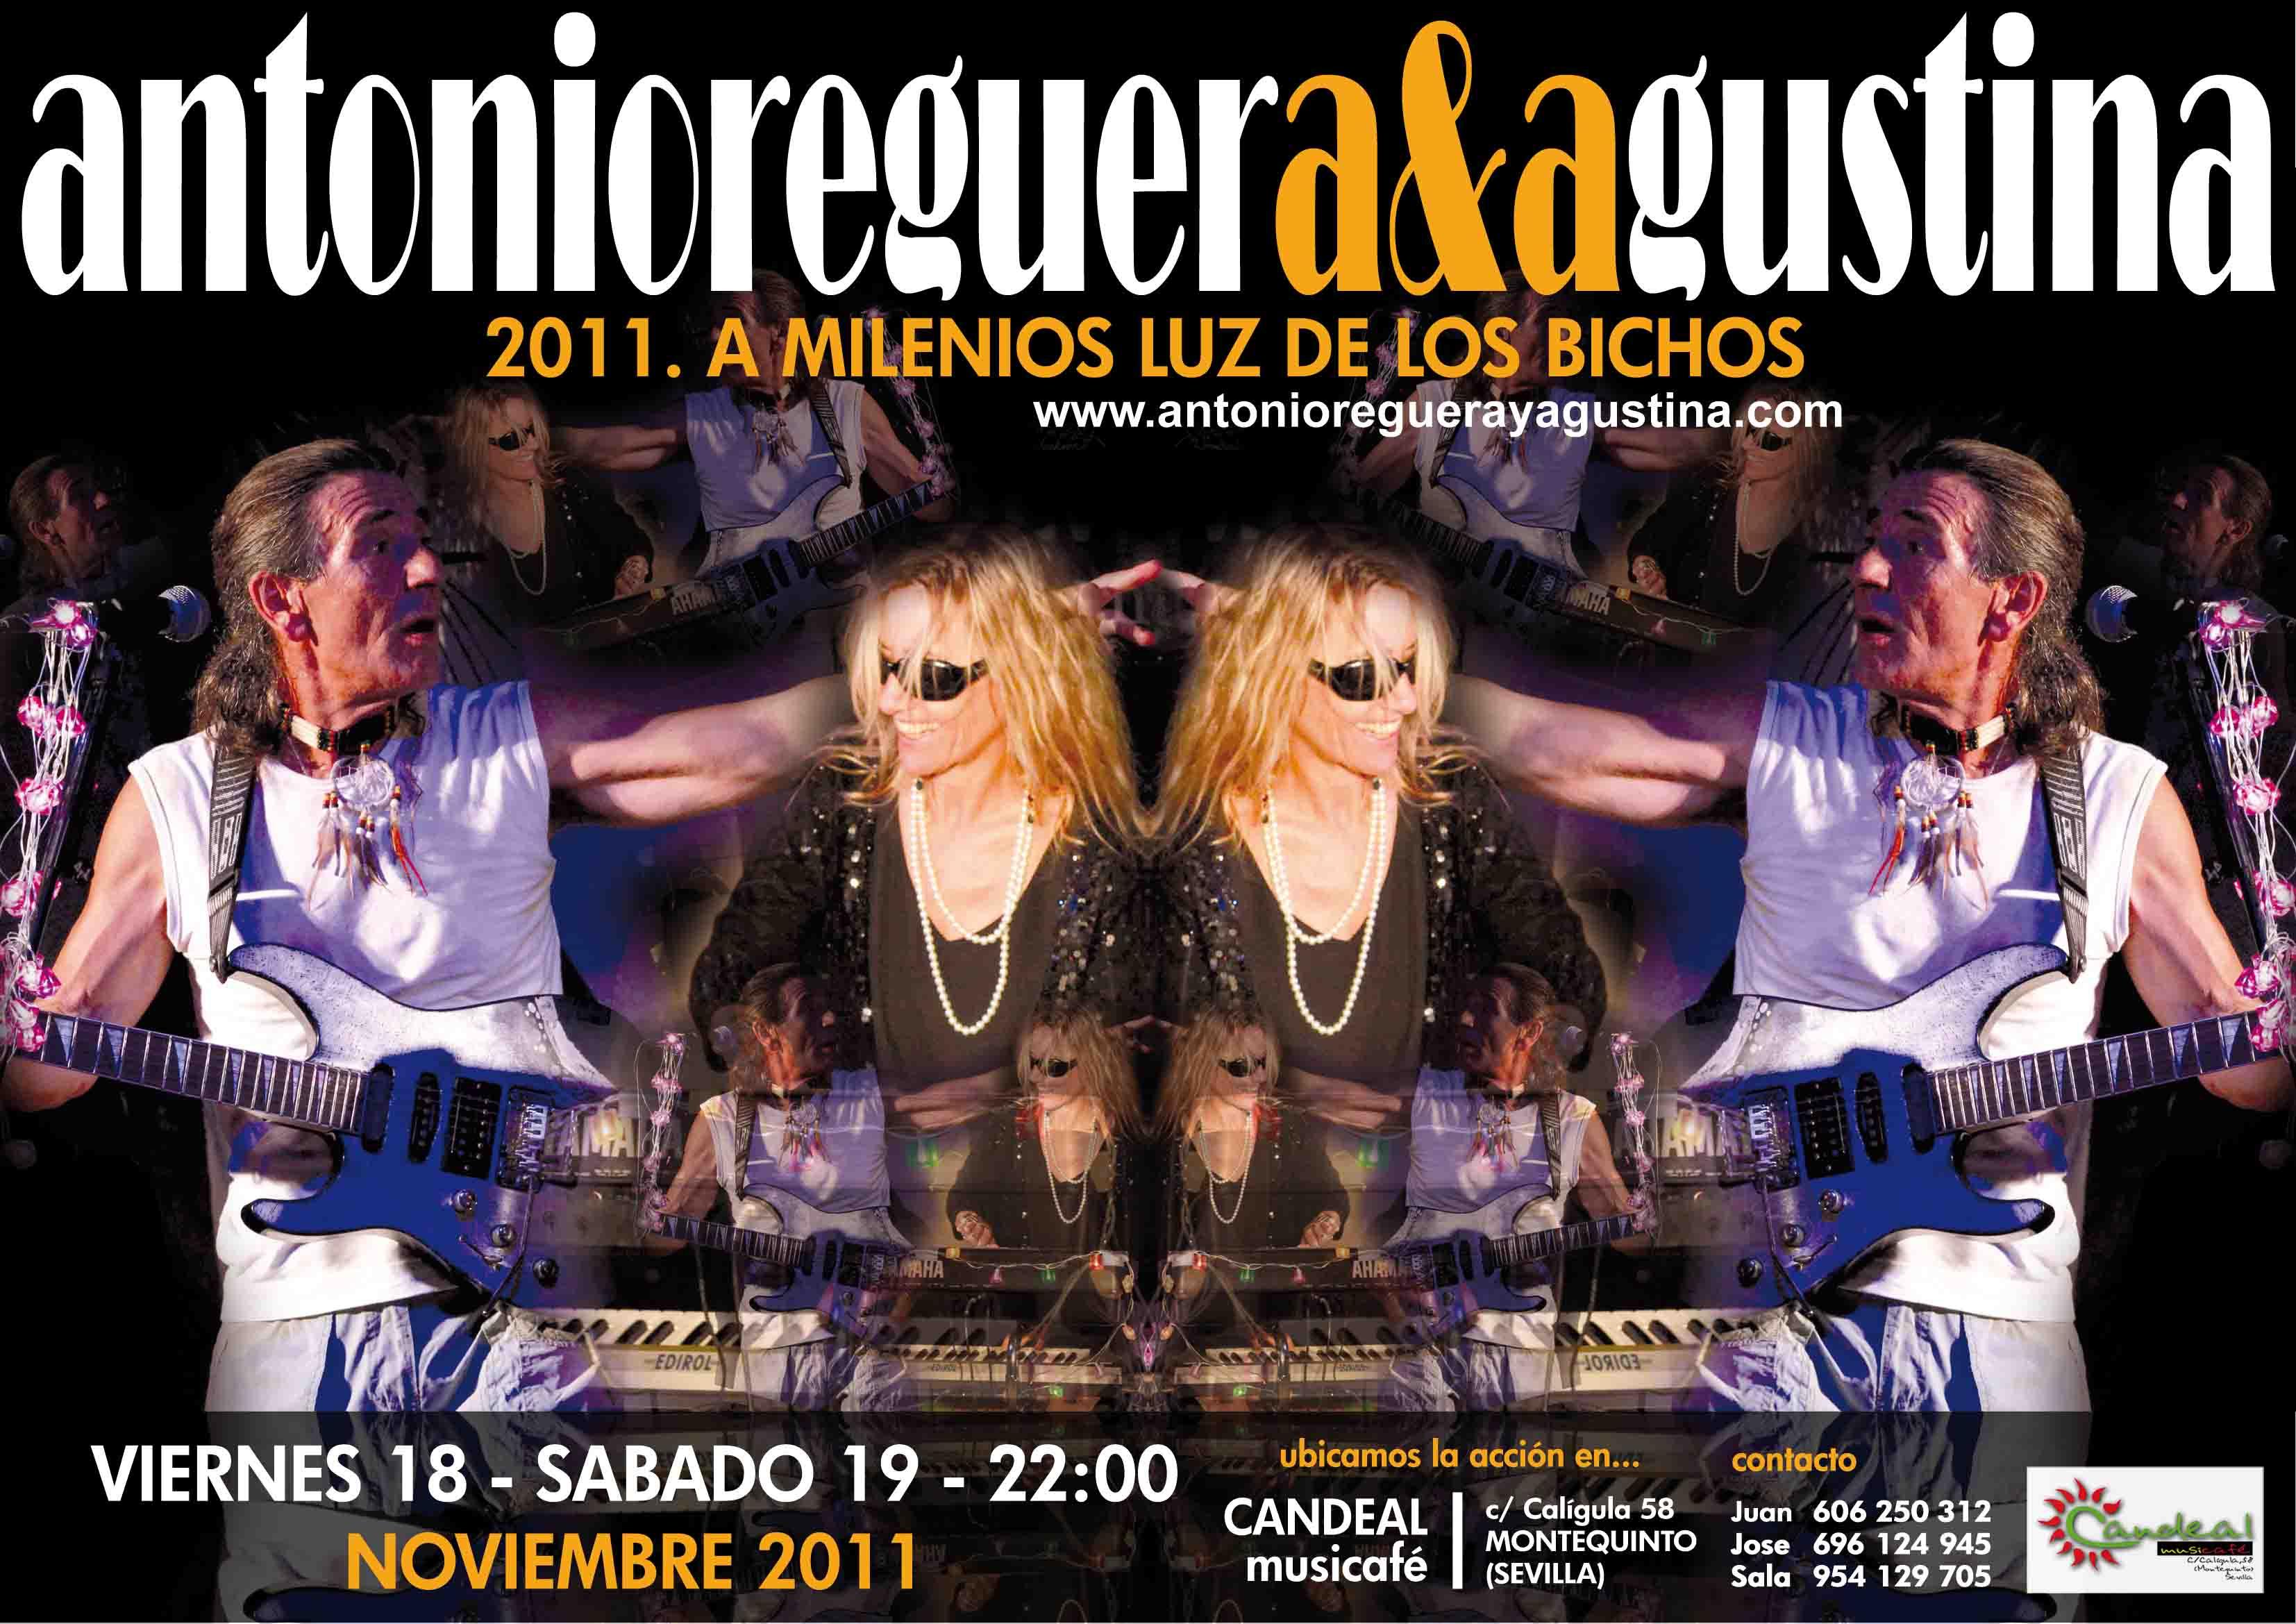 blog CANDEAL Montequinto V18yS19_Nov_11.jpg